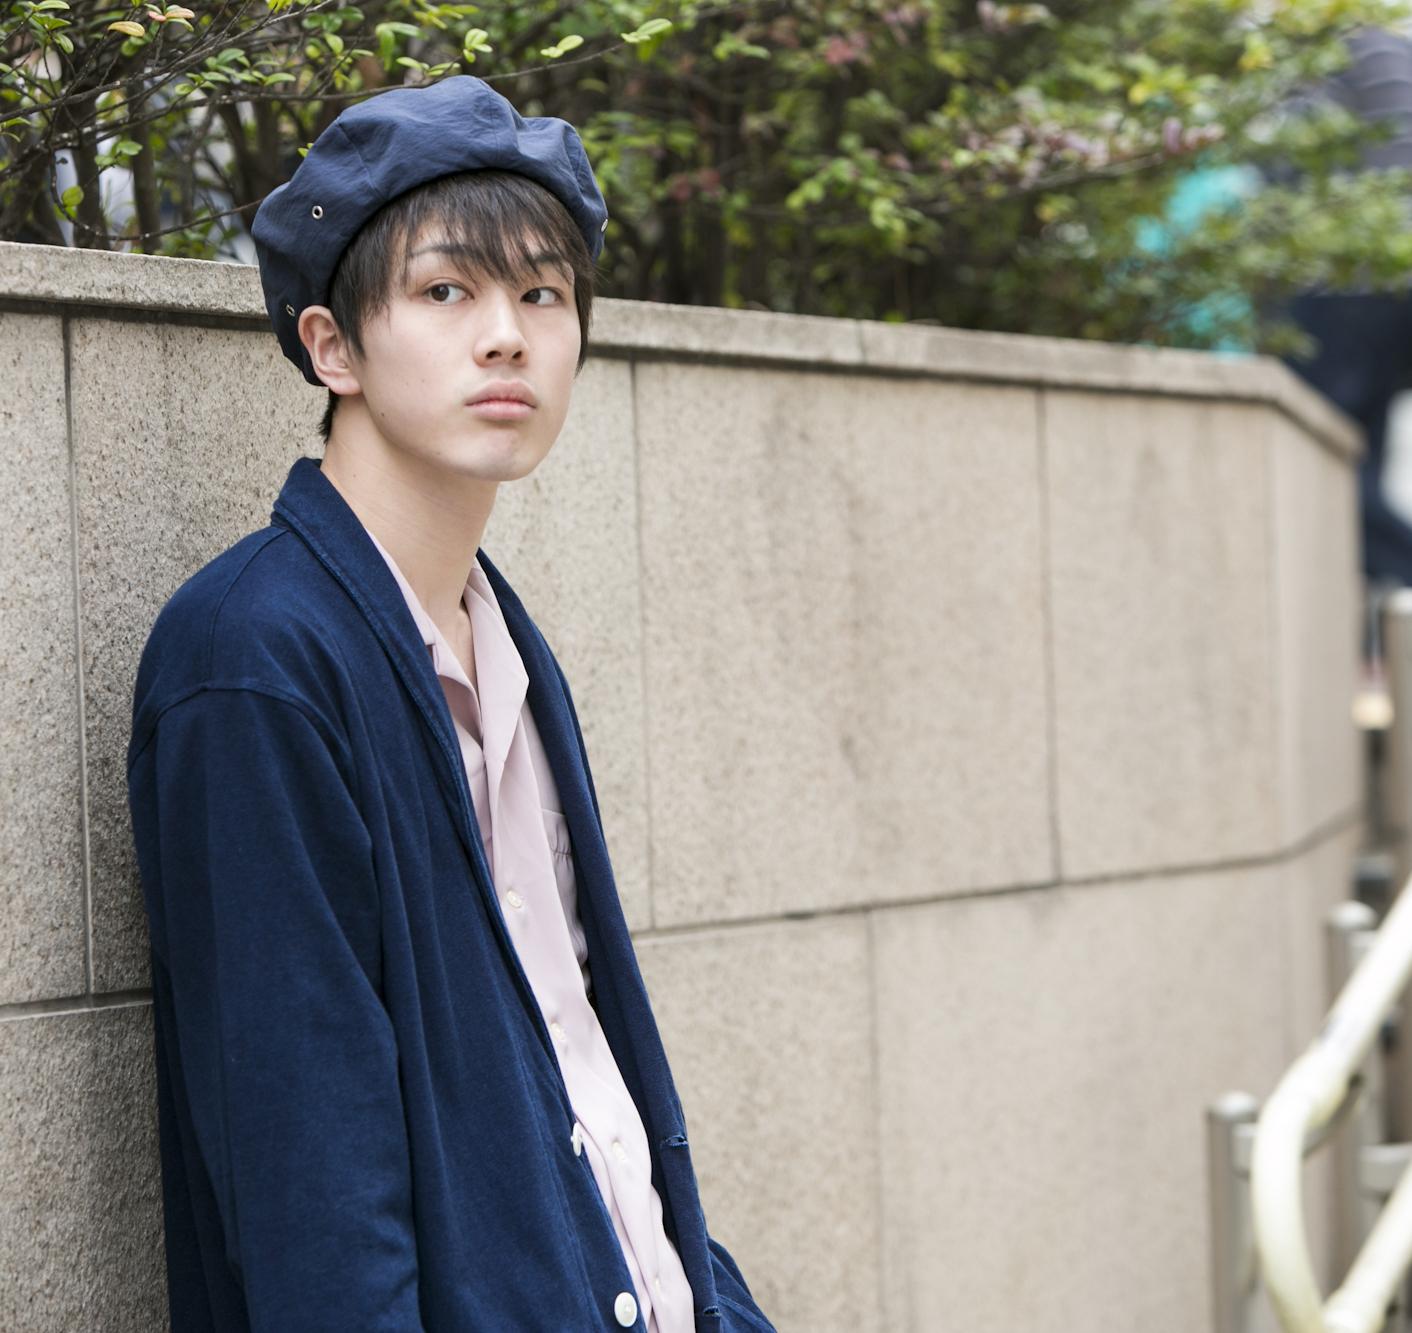 19歳・紘朗「星野 源さんの歌ってる姿がかっこいいし、おしゃれ!」【18-22 SNAP #024】